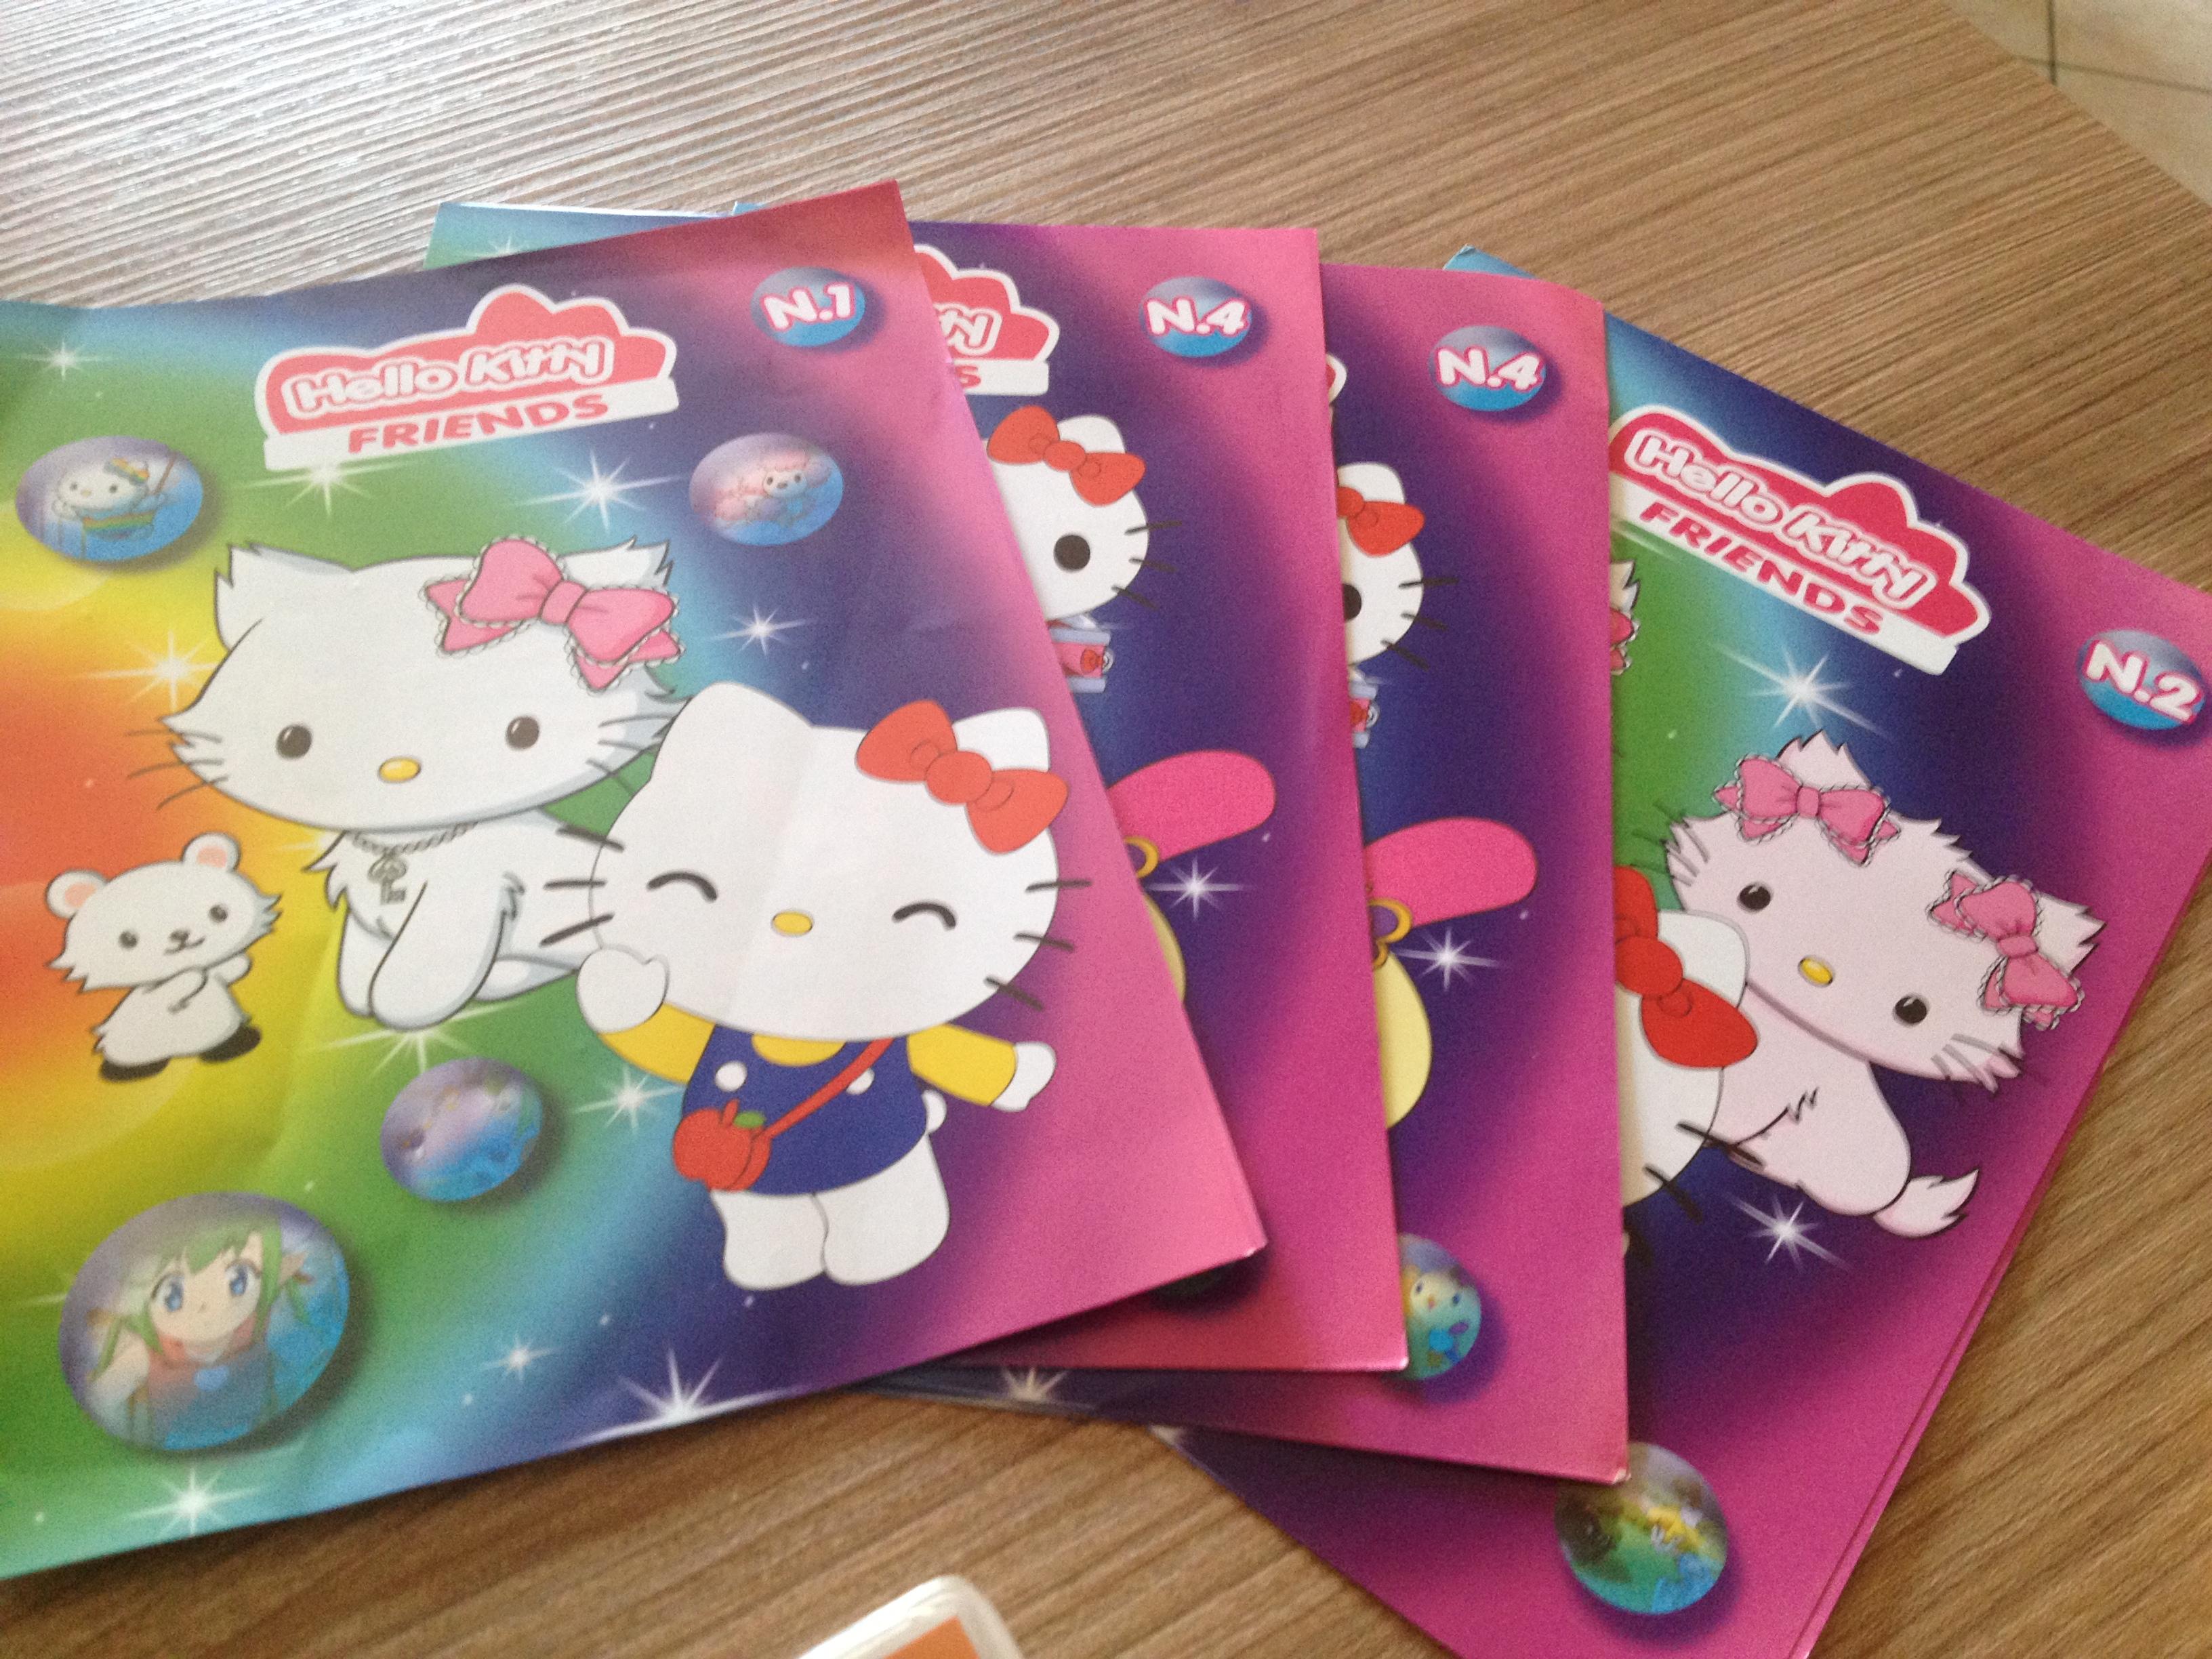 Di cartoni animati hello kitty e canali tv